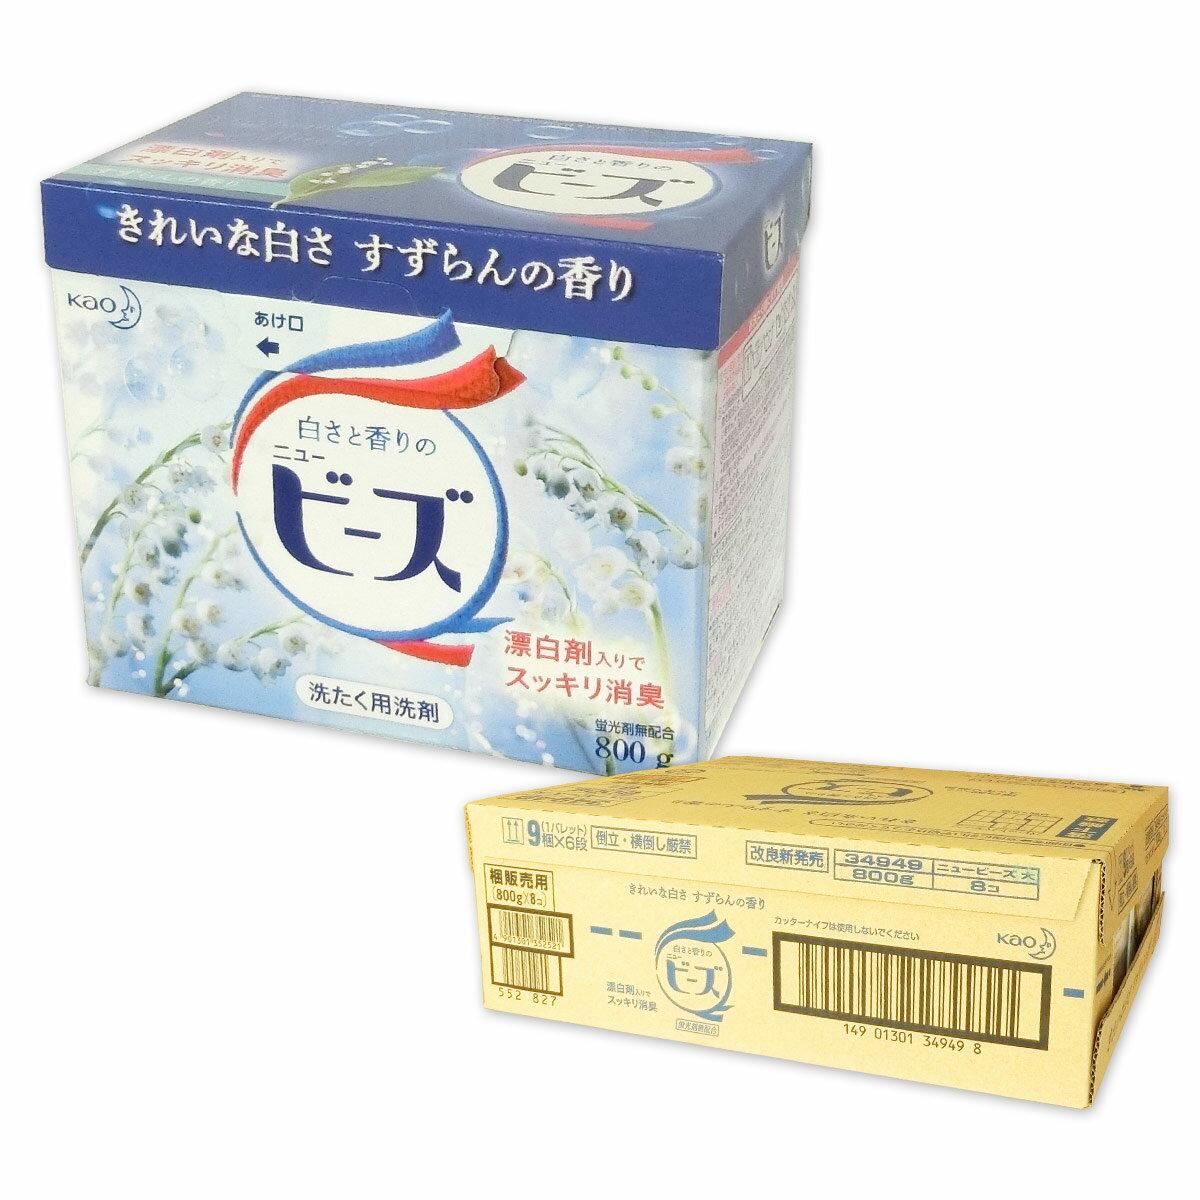 ニュービーズ 800g × 8箱 【花王 kao】【34949】